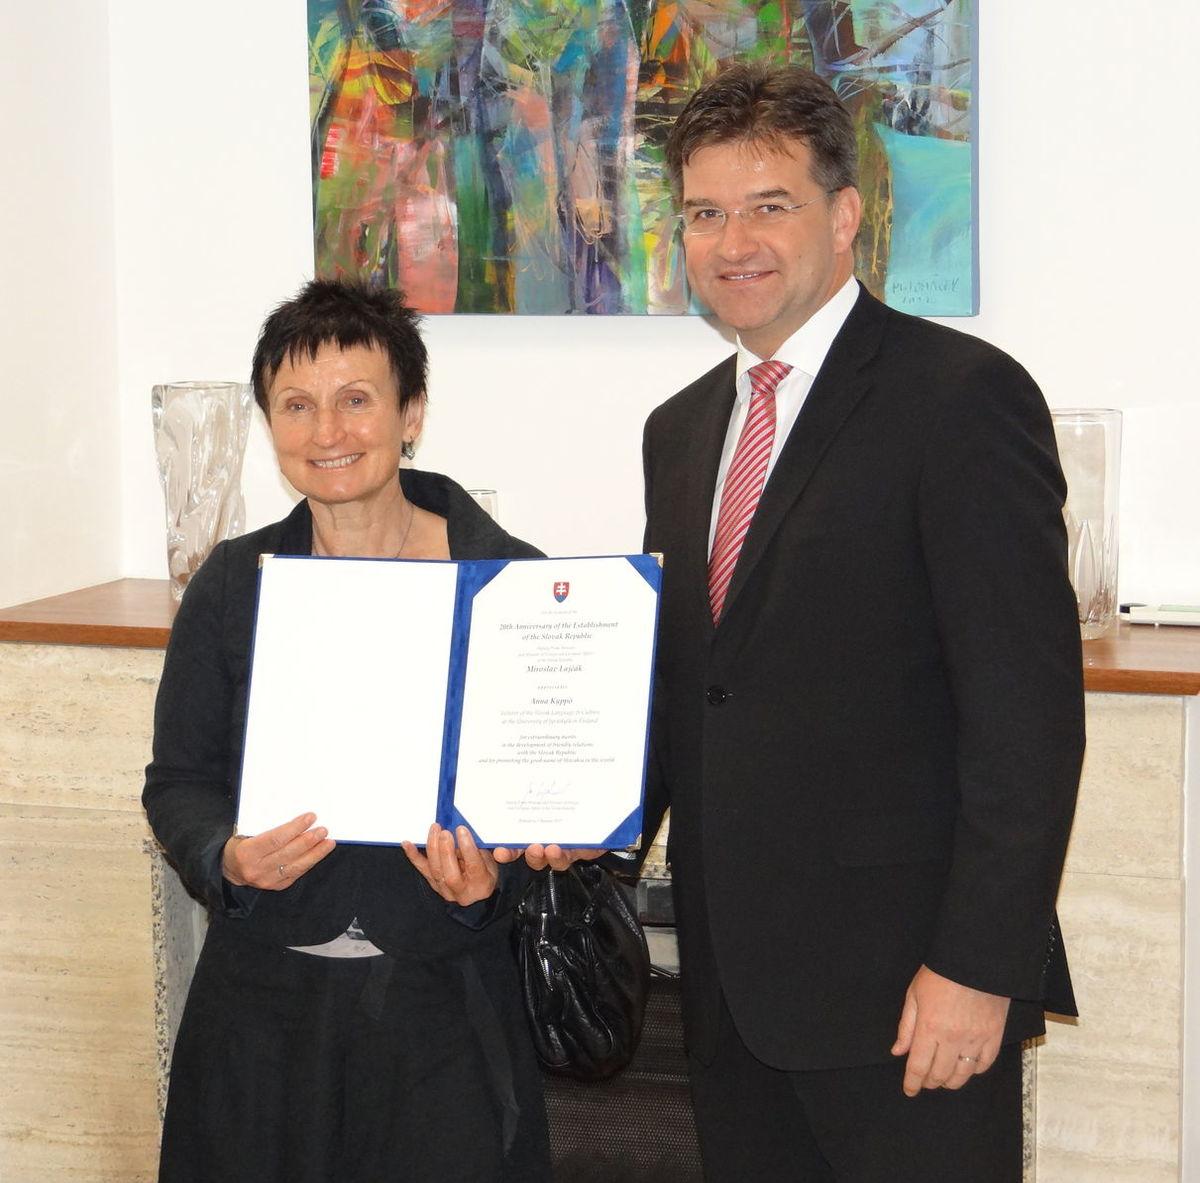 Minister zahraničných vecí Miroslav Lajčák odovzdáva Anne Kyppö ocenenie za šírenie dobrého mena Slovenska vo svete.